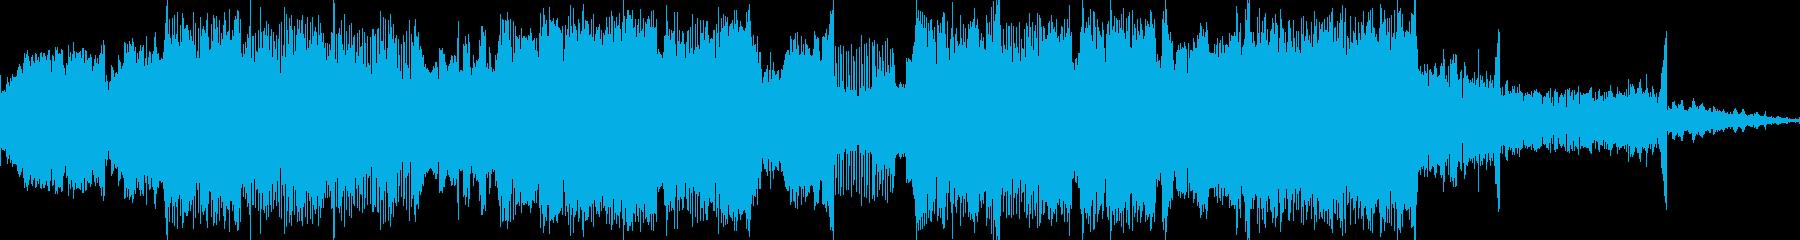 和風ハウス/エレクトロの再生済みの波形